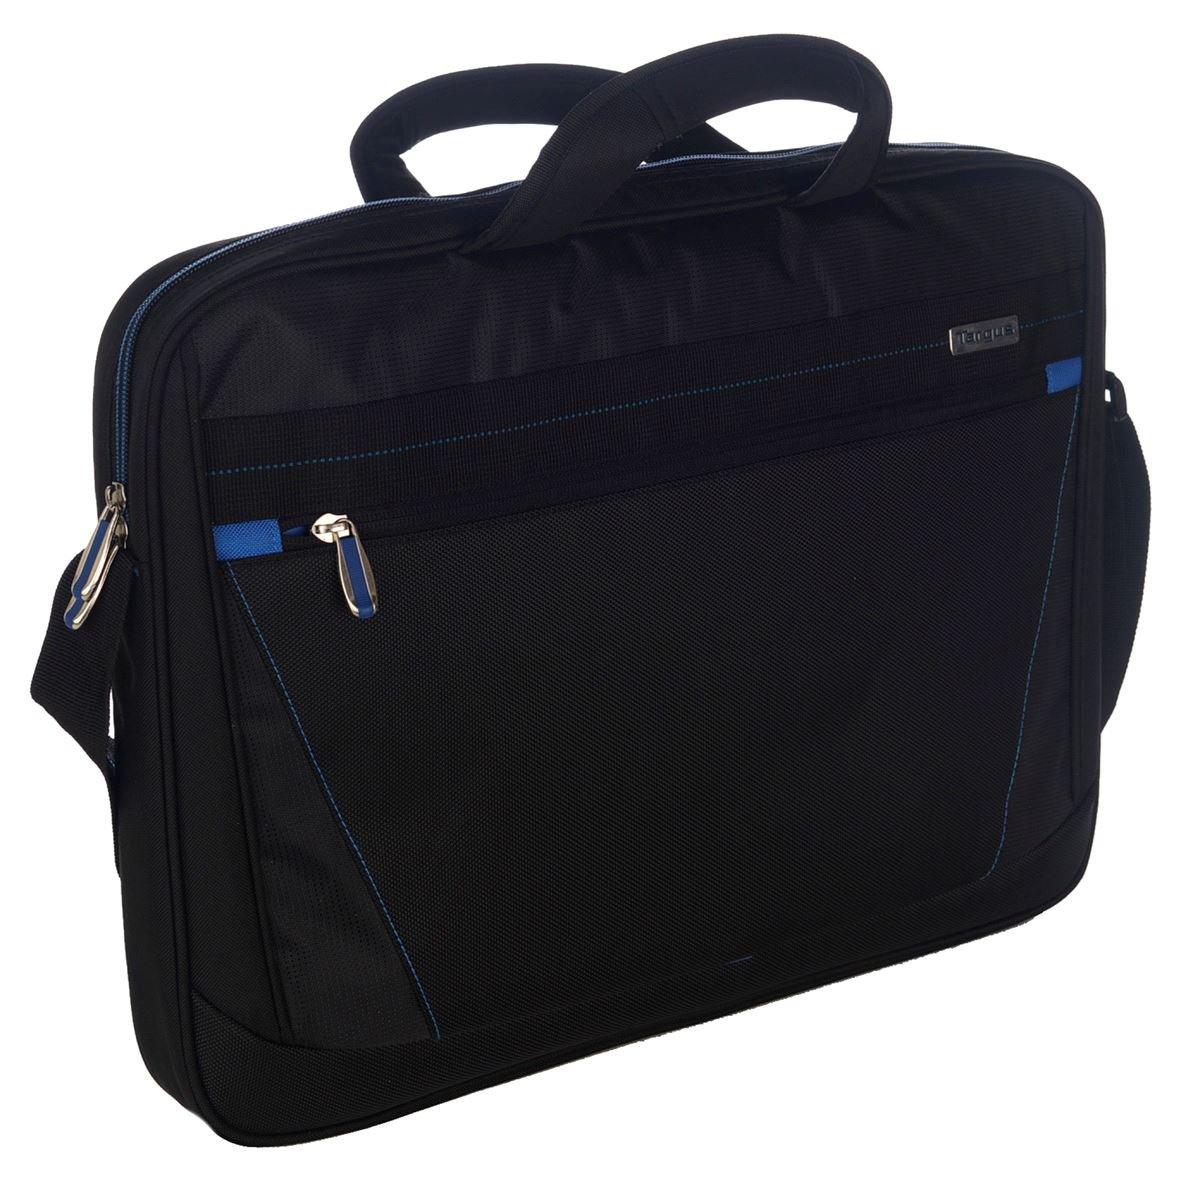 Купить Сумки, наплічники для ноутбуків, Сумка для ноутбука Targus Prospect 16 Black, TBT259EU